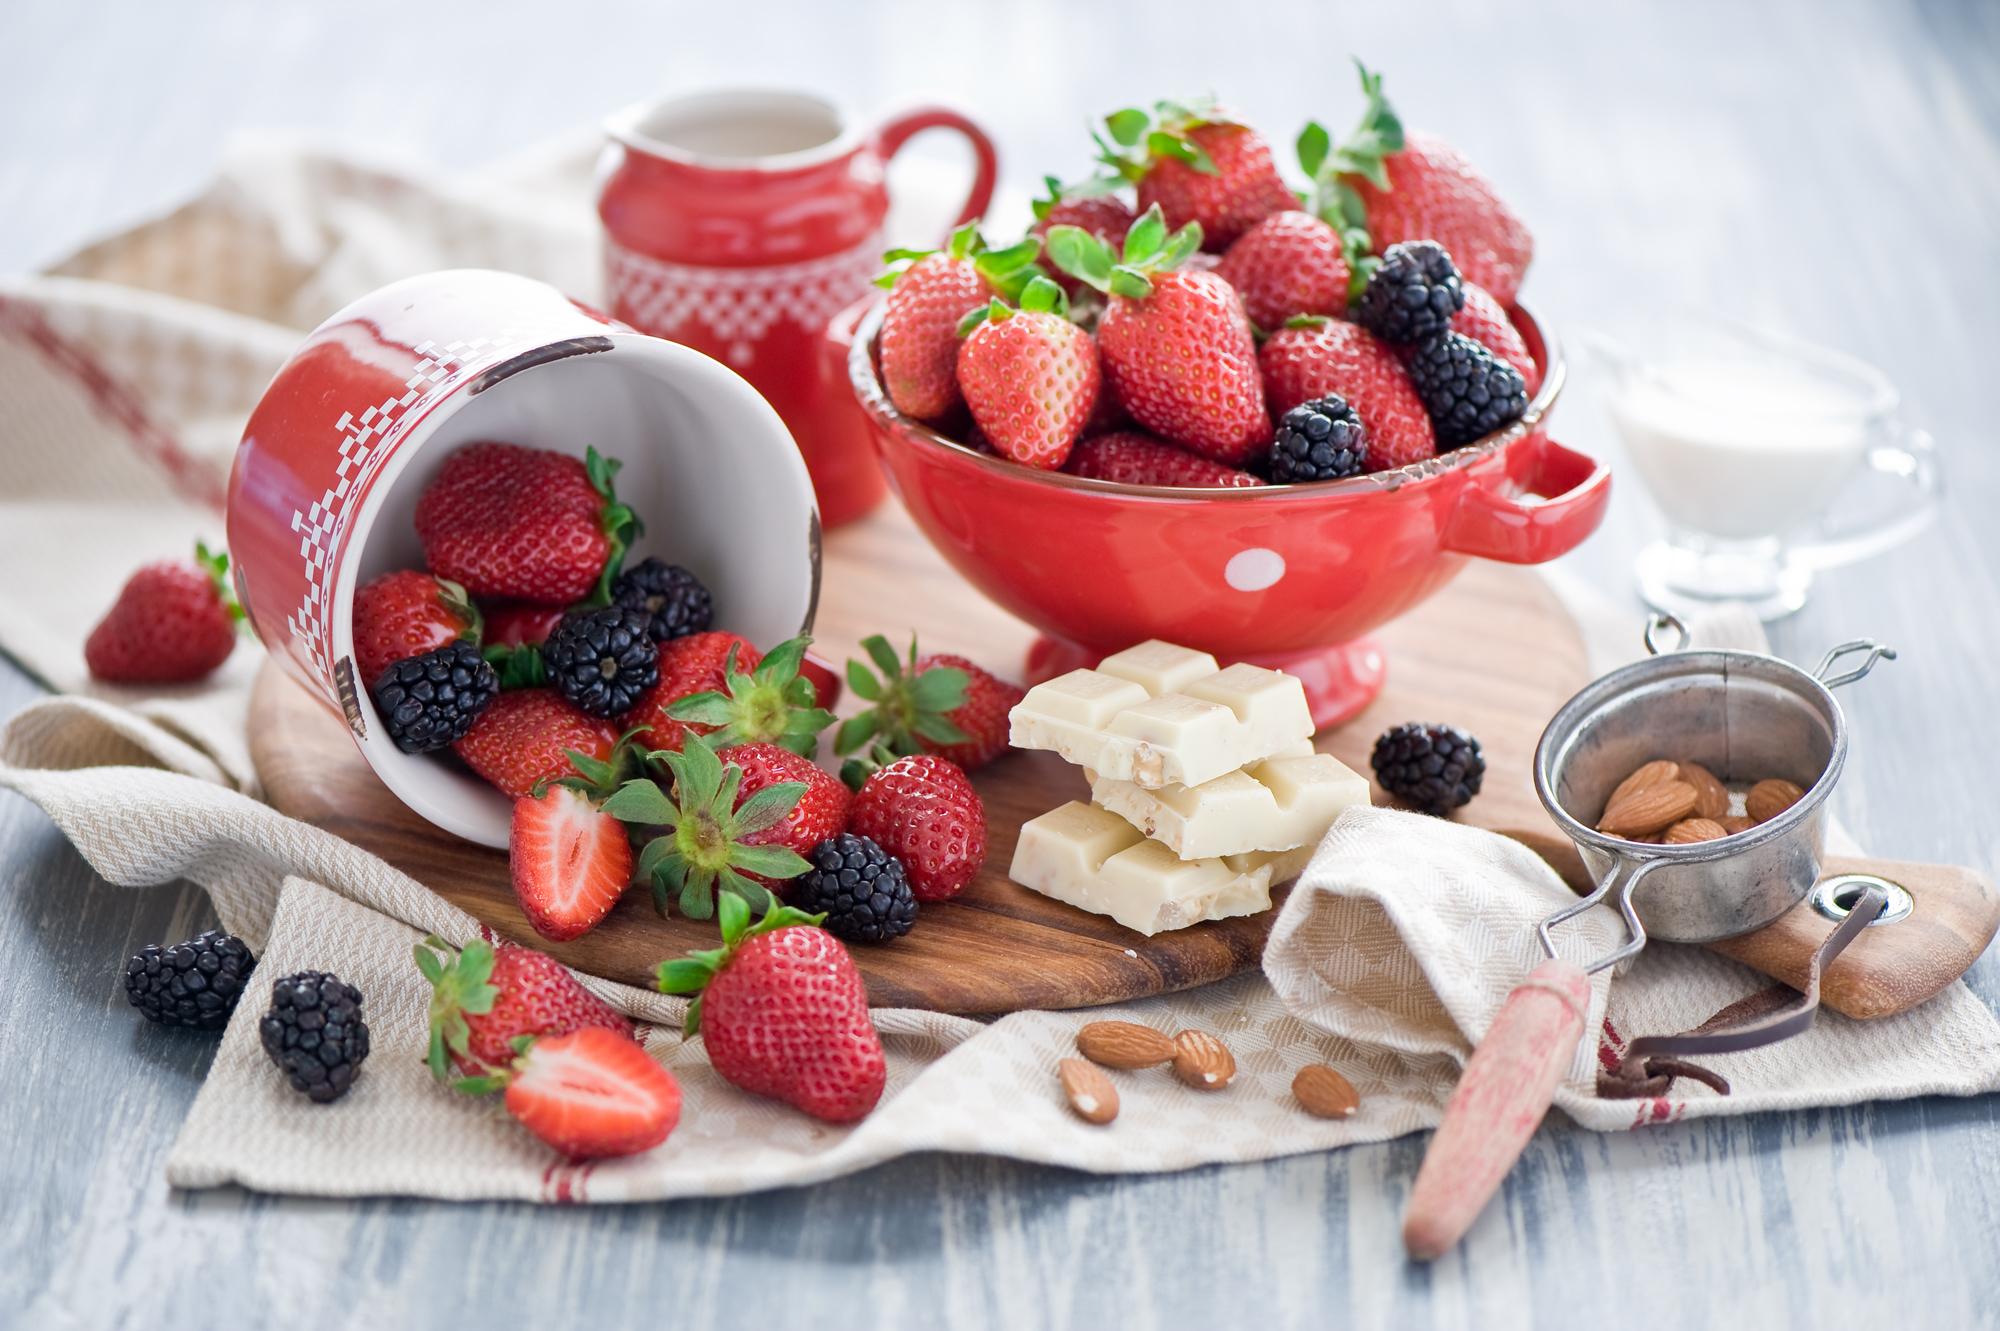 Пироженое с клюбникой и с чаем  № 2153901 загрузить